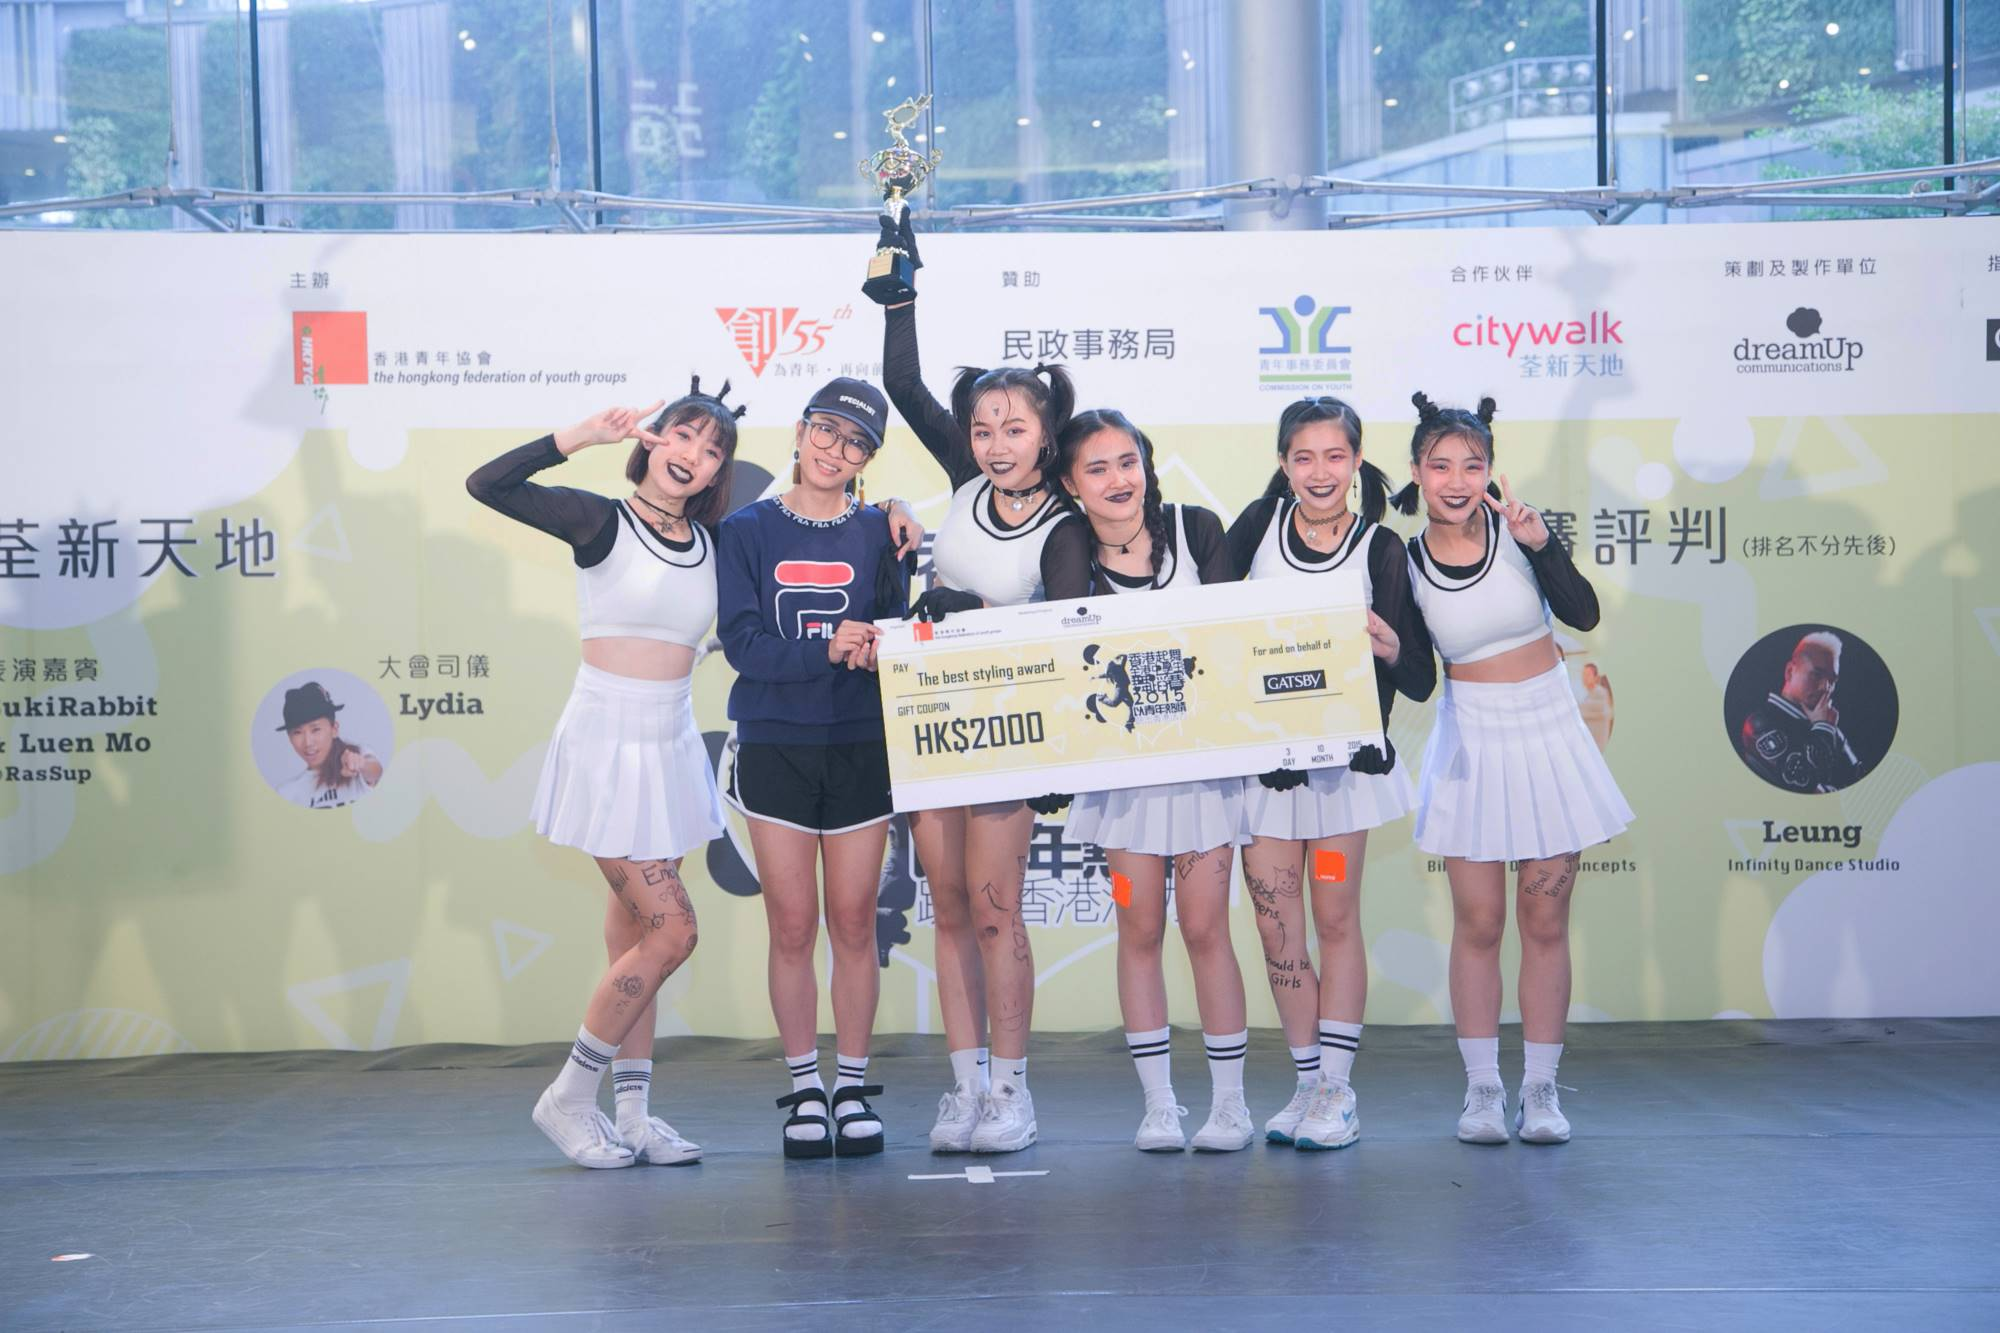 全港中學生舞蹈賽2015得獎隊伍 (1)